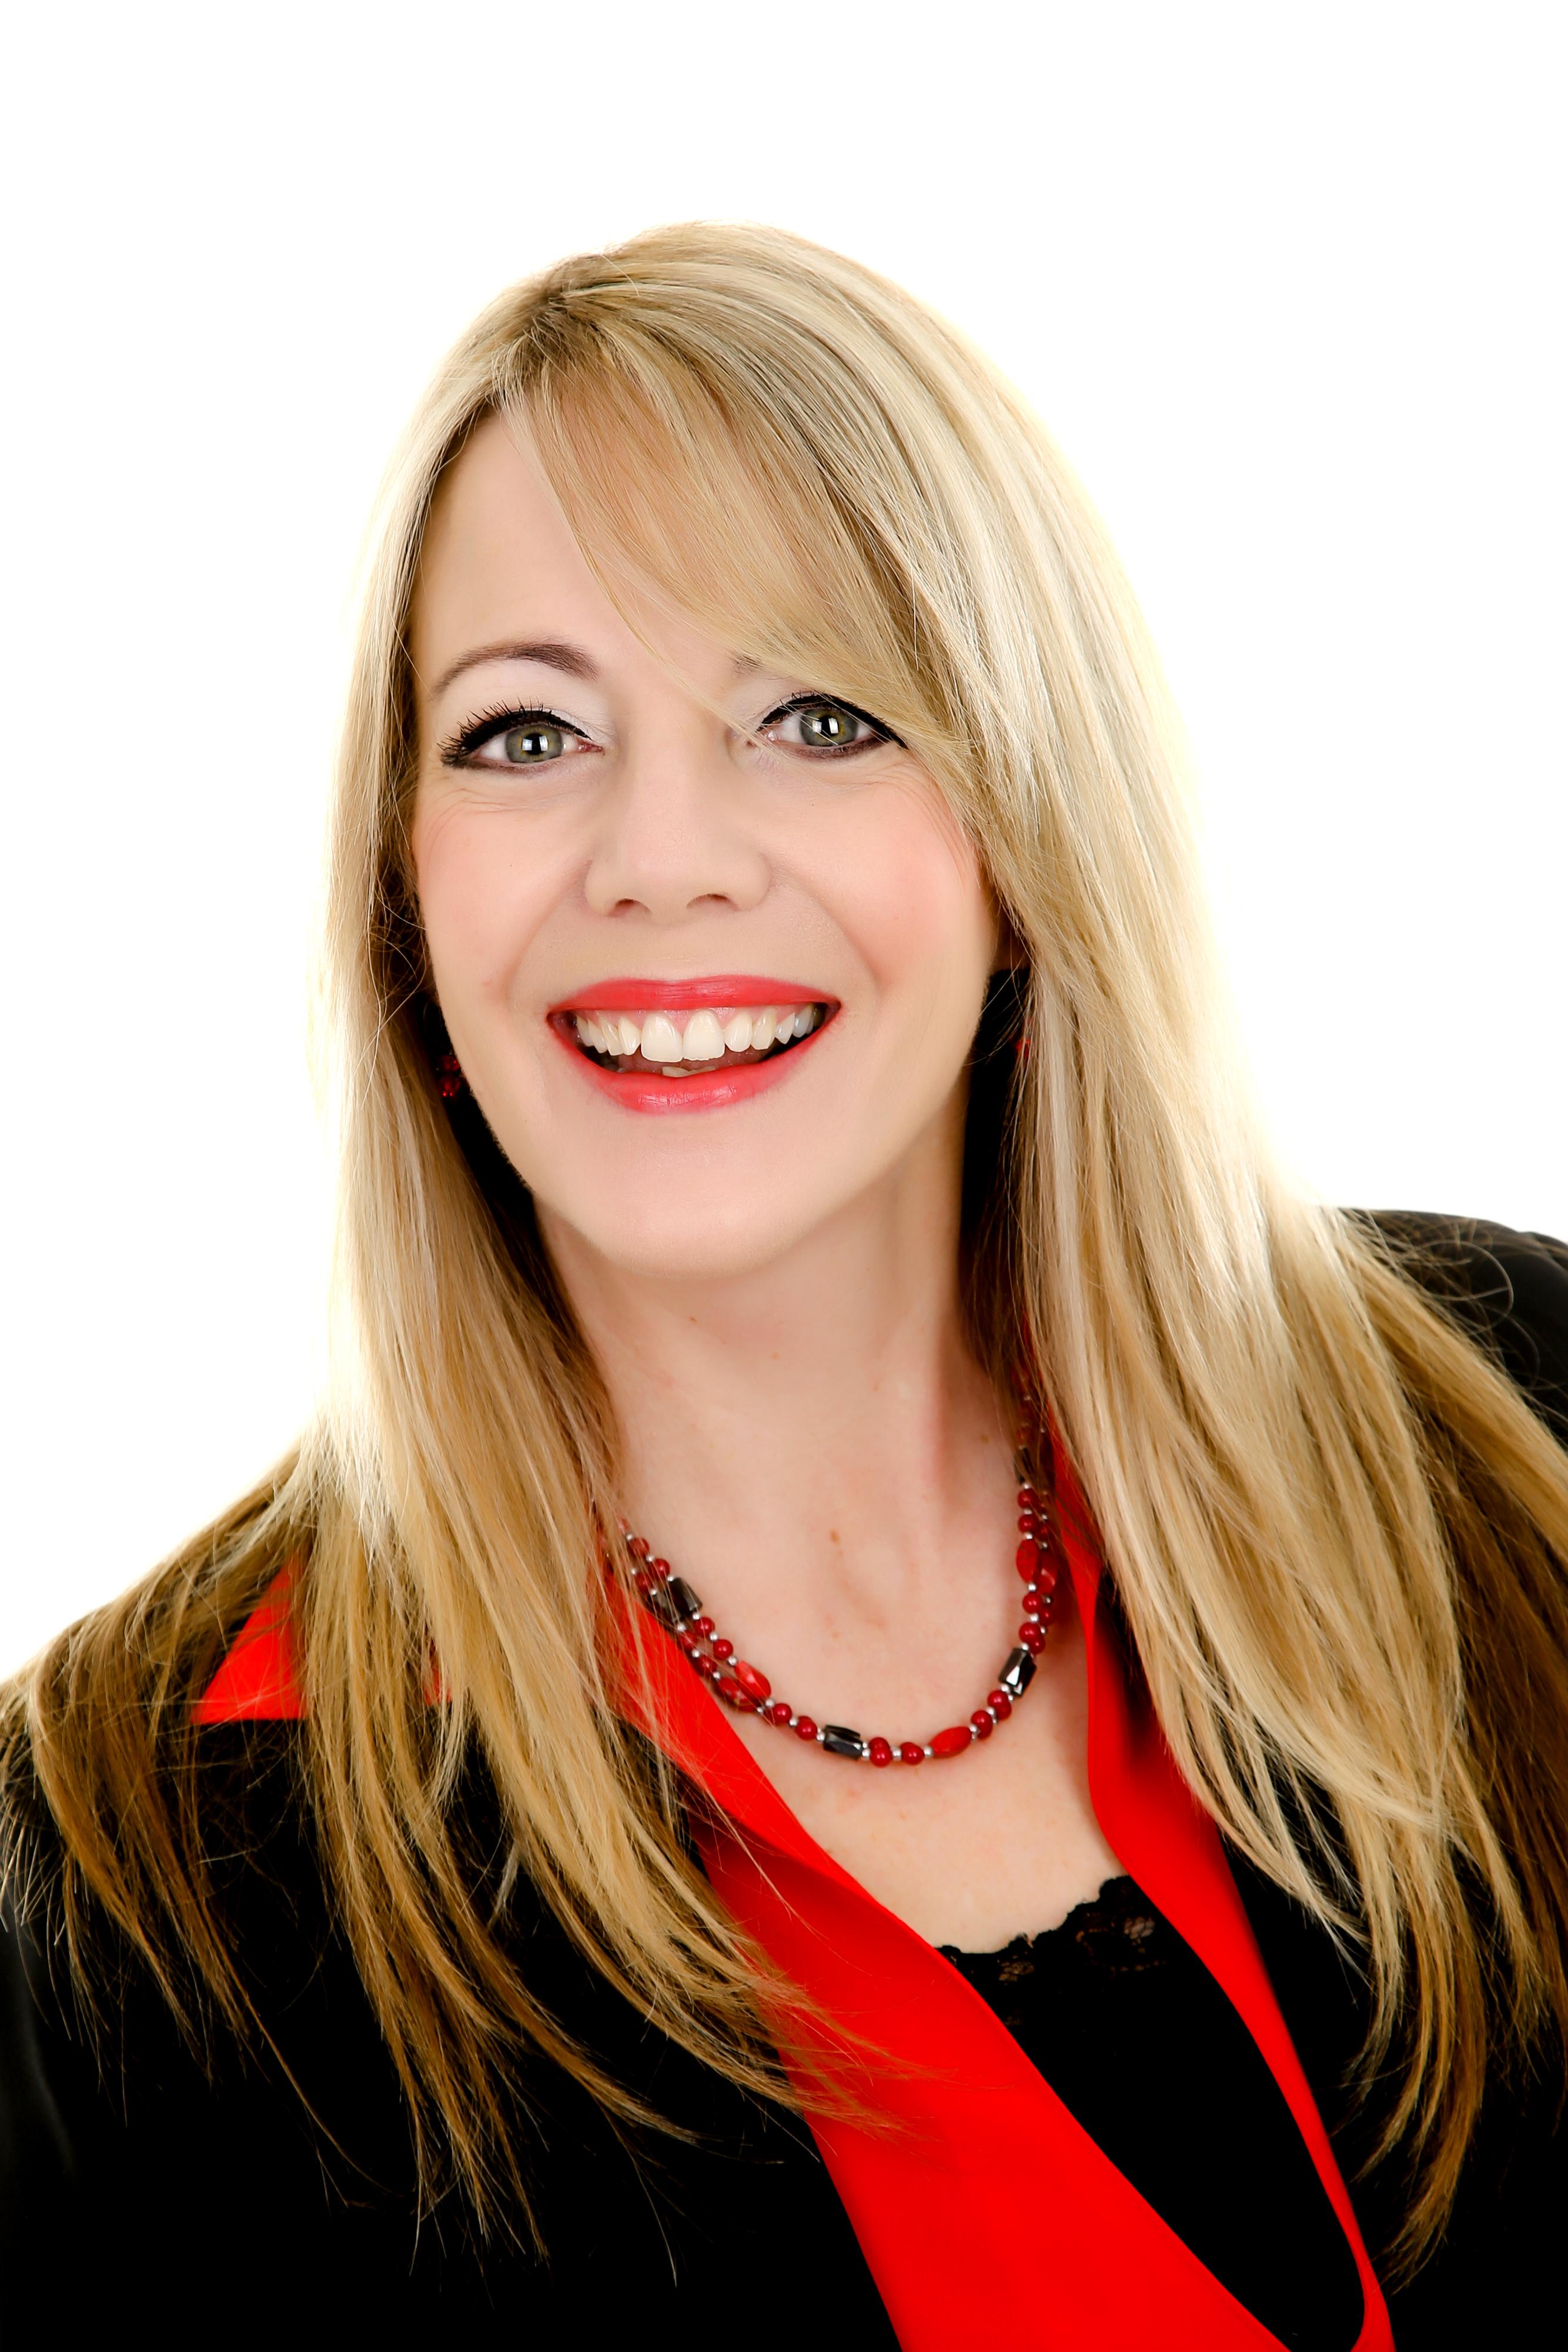 Real Estate Agent - Lindsay Carr